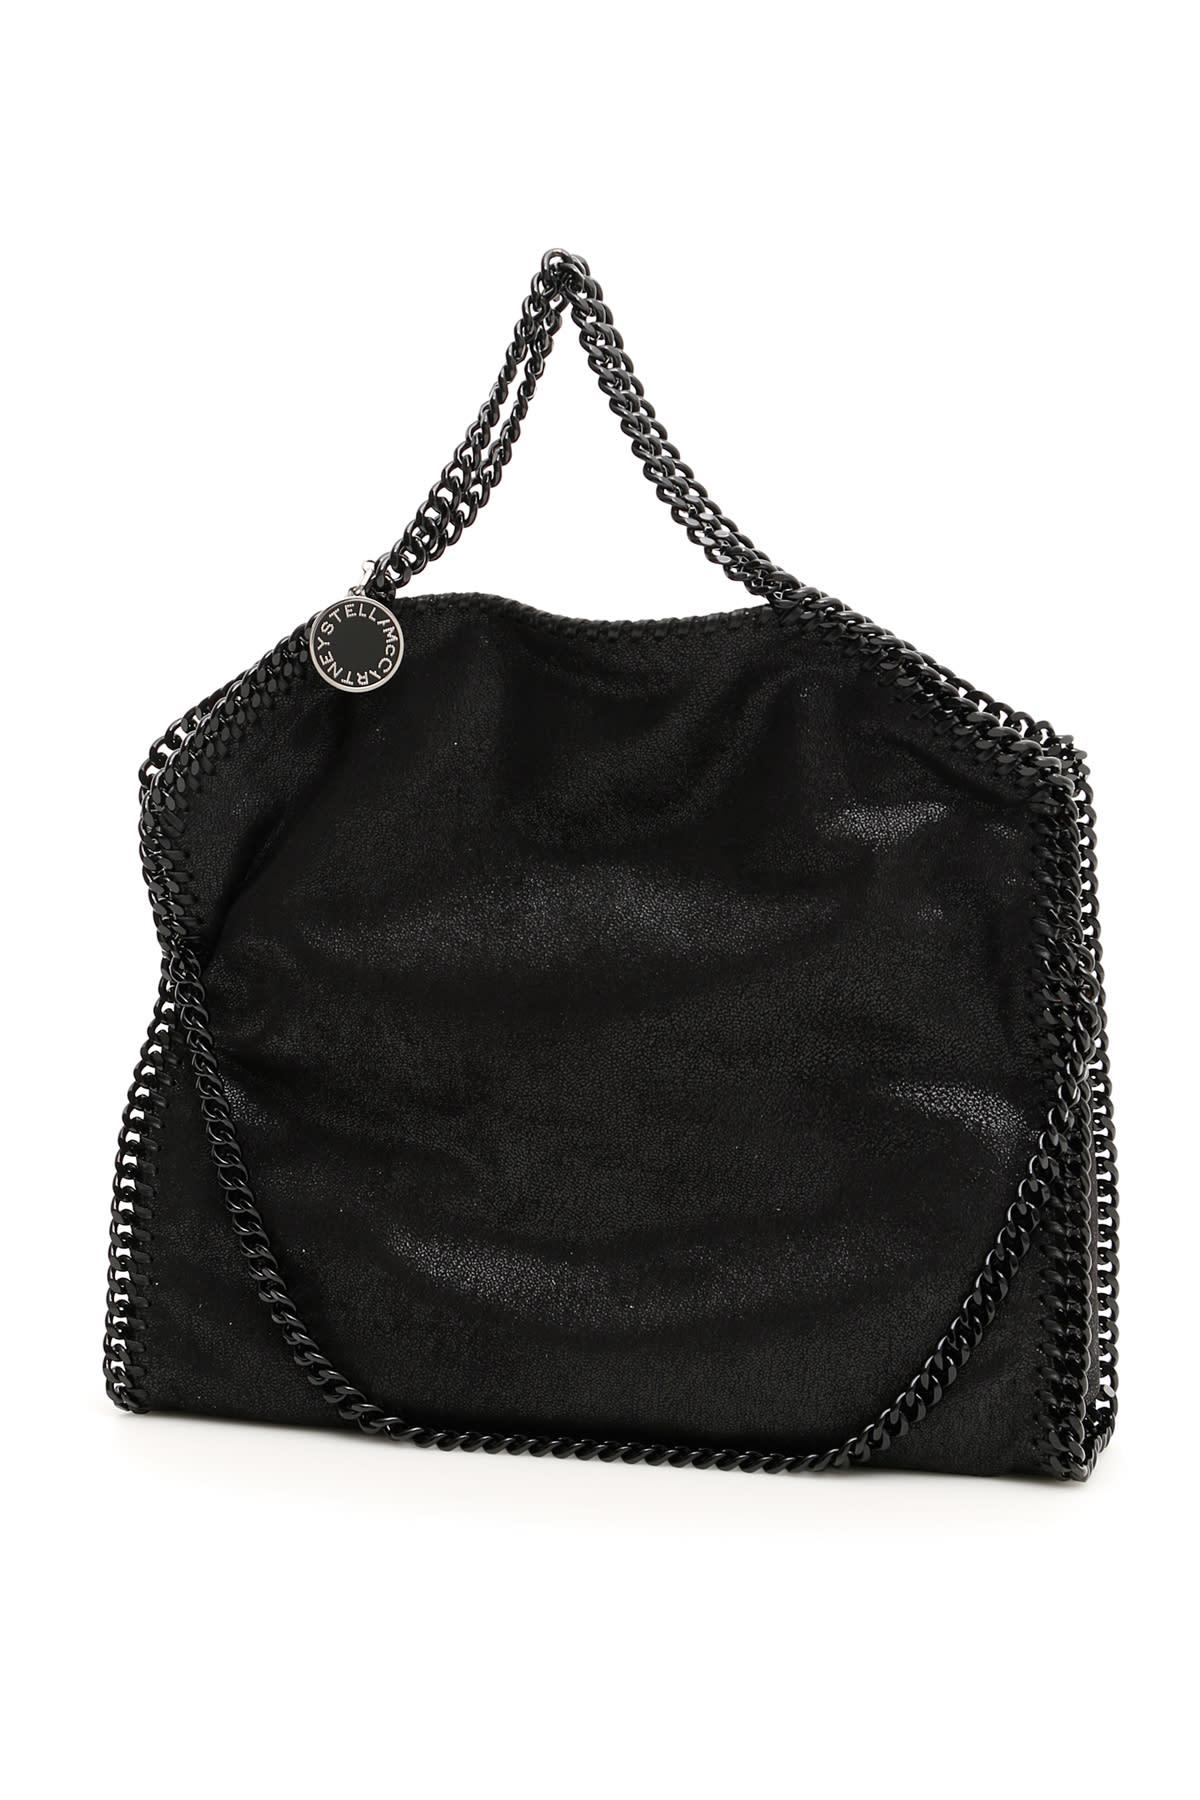 3chain Falabella Tote Bag